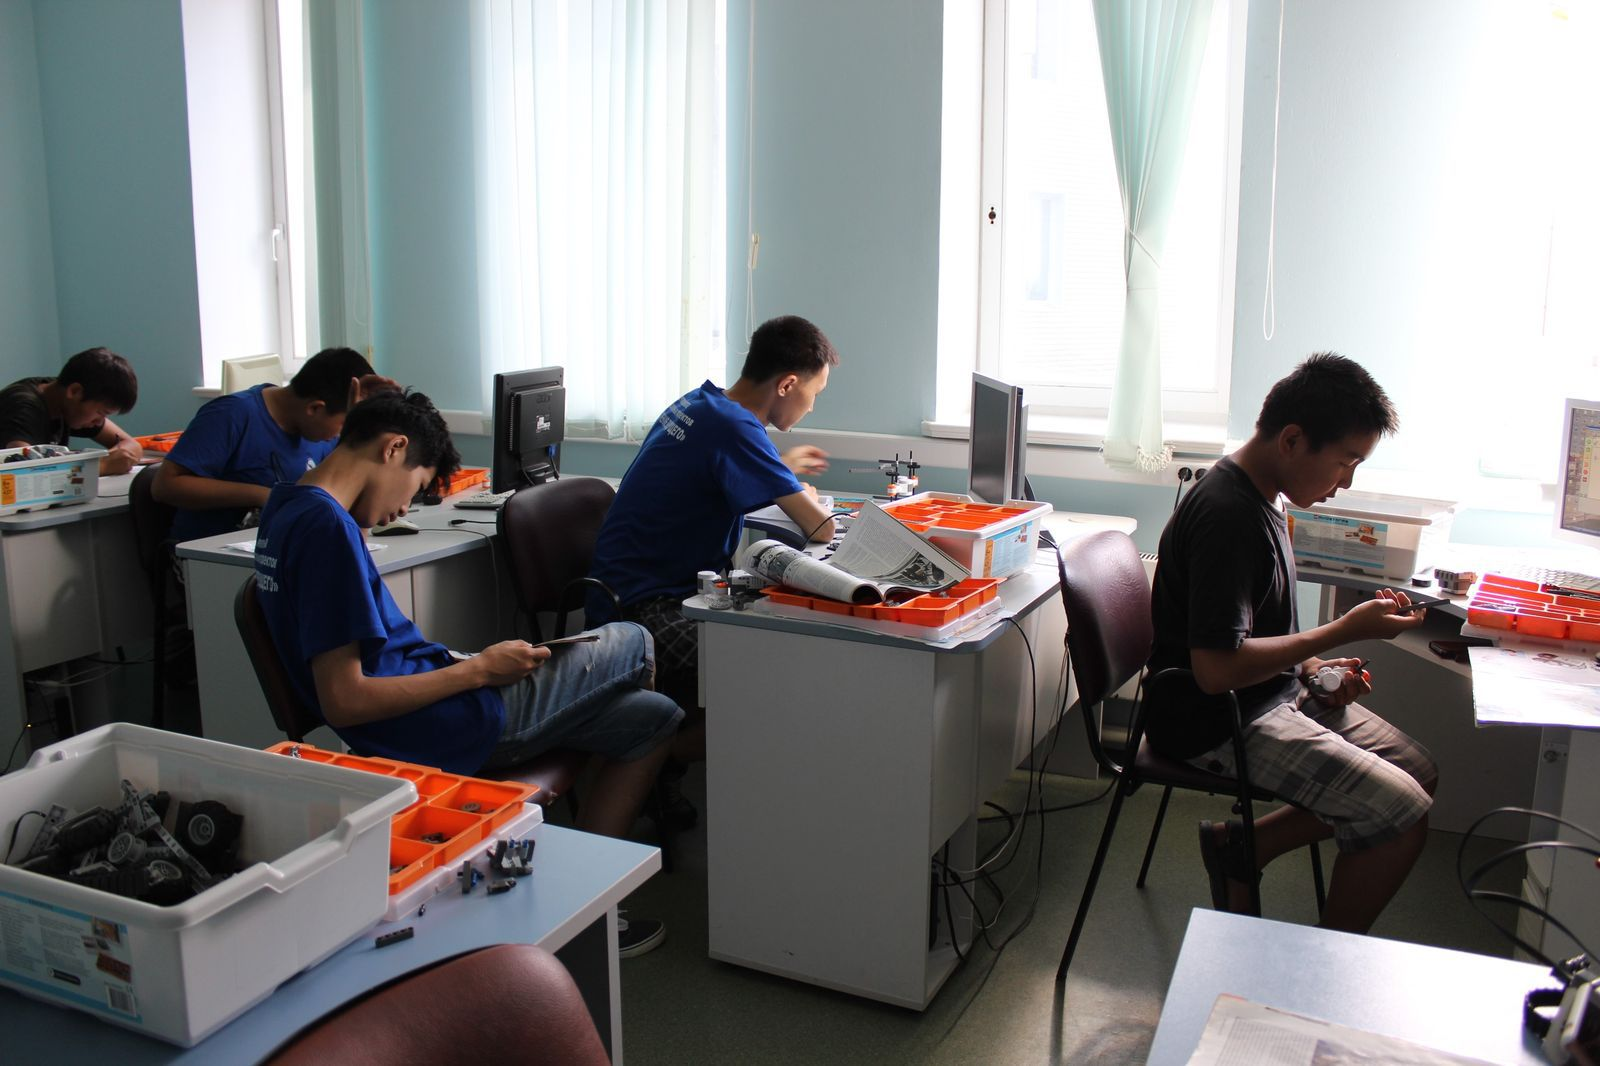 Летние IT-школы в Якутии: как это сделано - 6